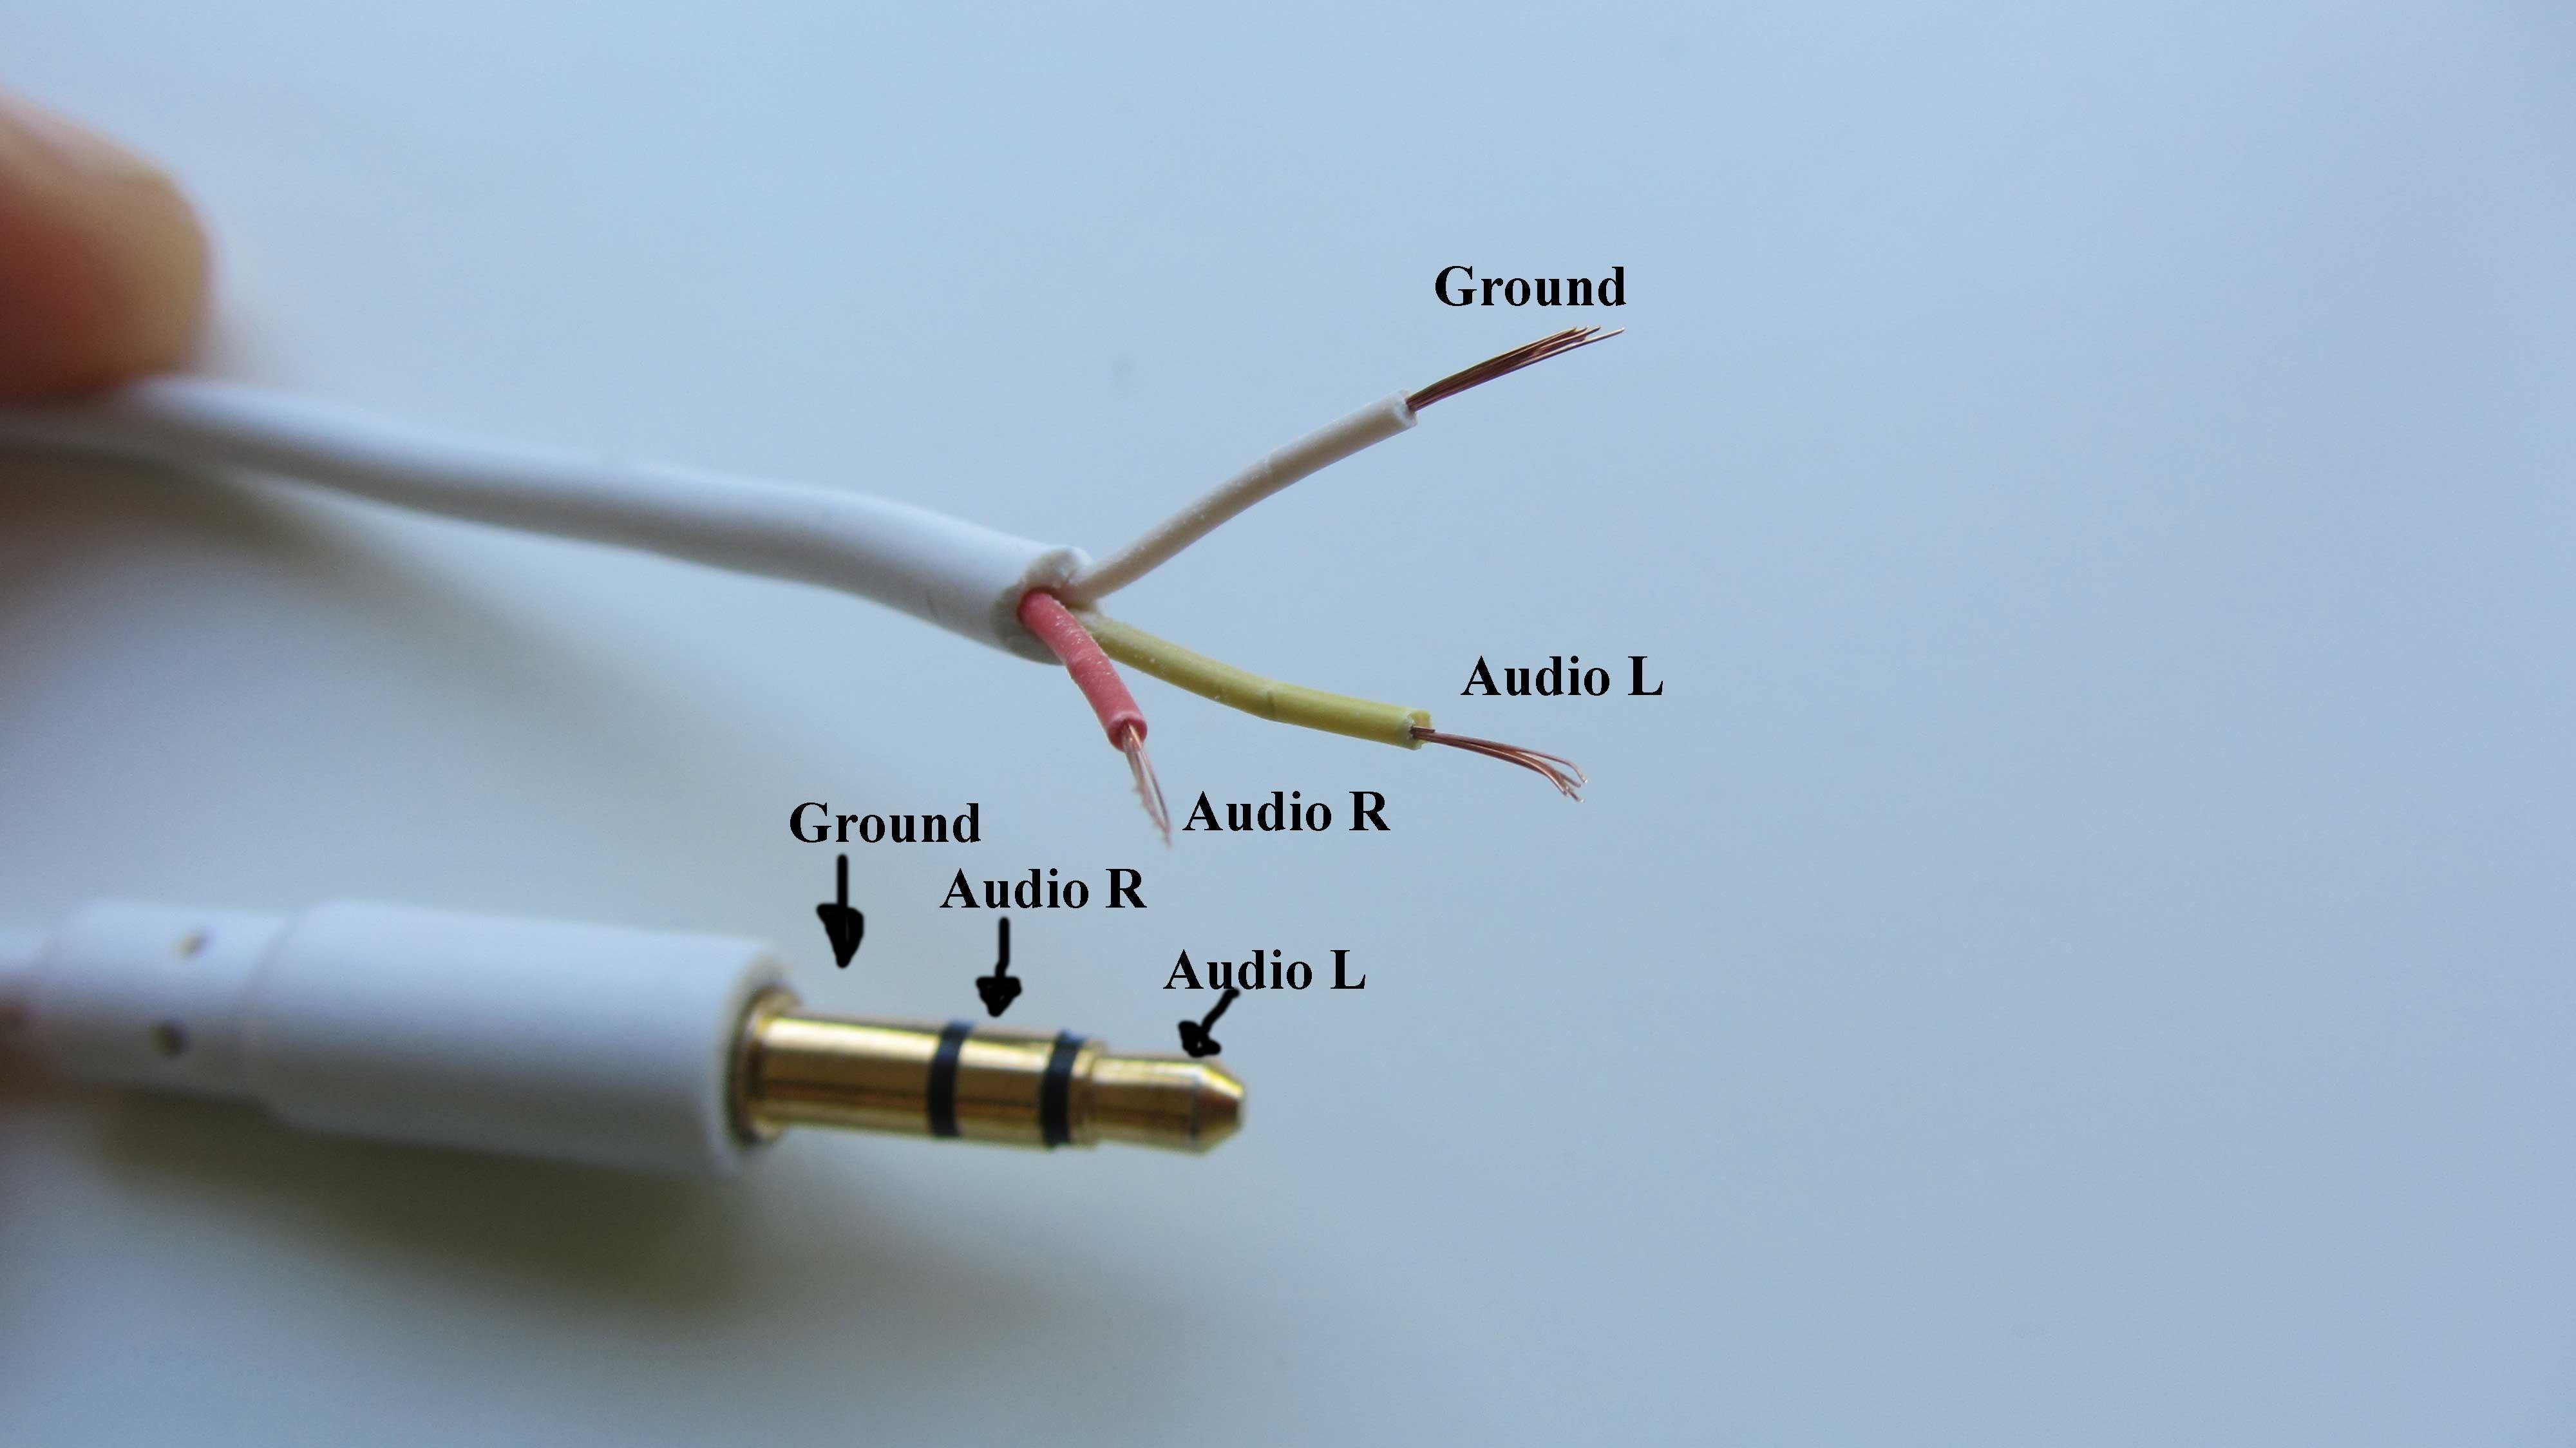 35 Mm Stereo Plug Wiring - Wiring Diagrams Hubs - 3.5 Mm Female Jack Wiring Diagram